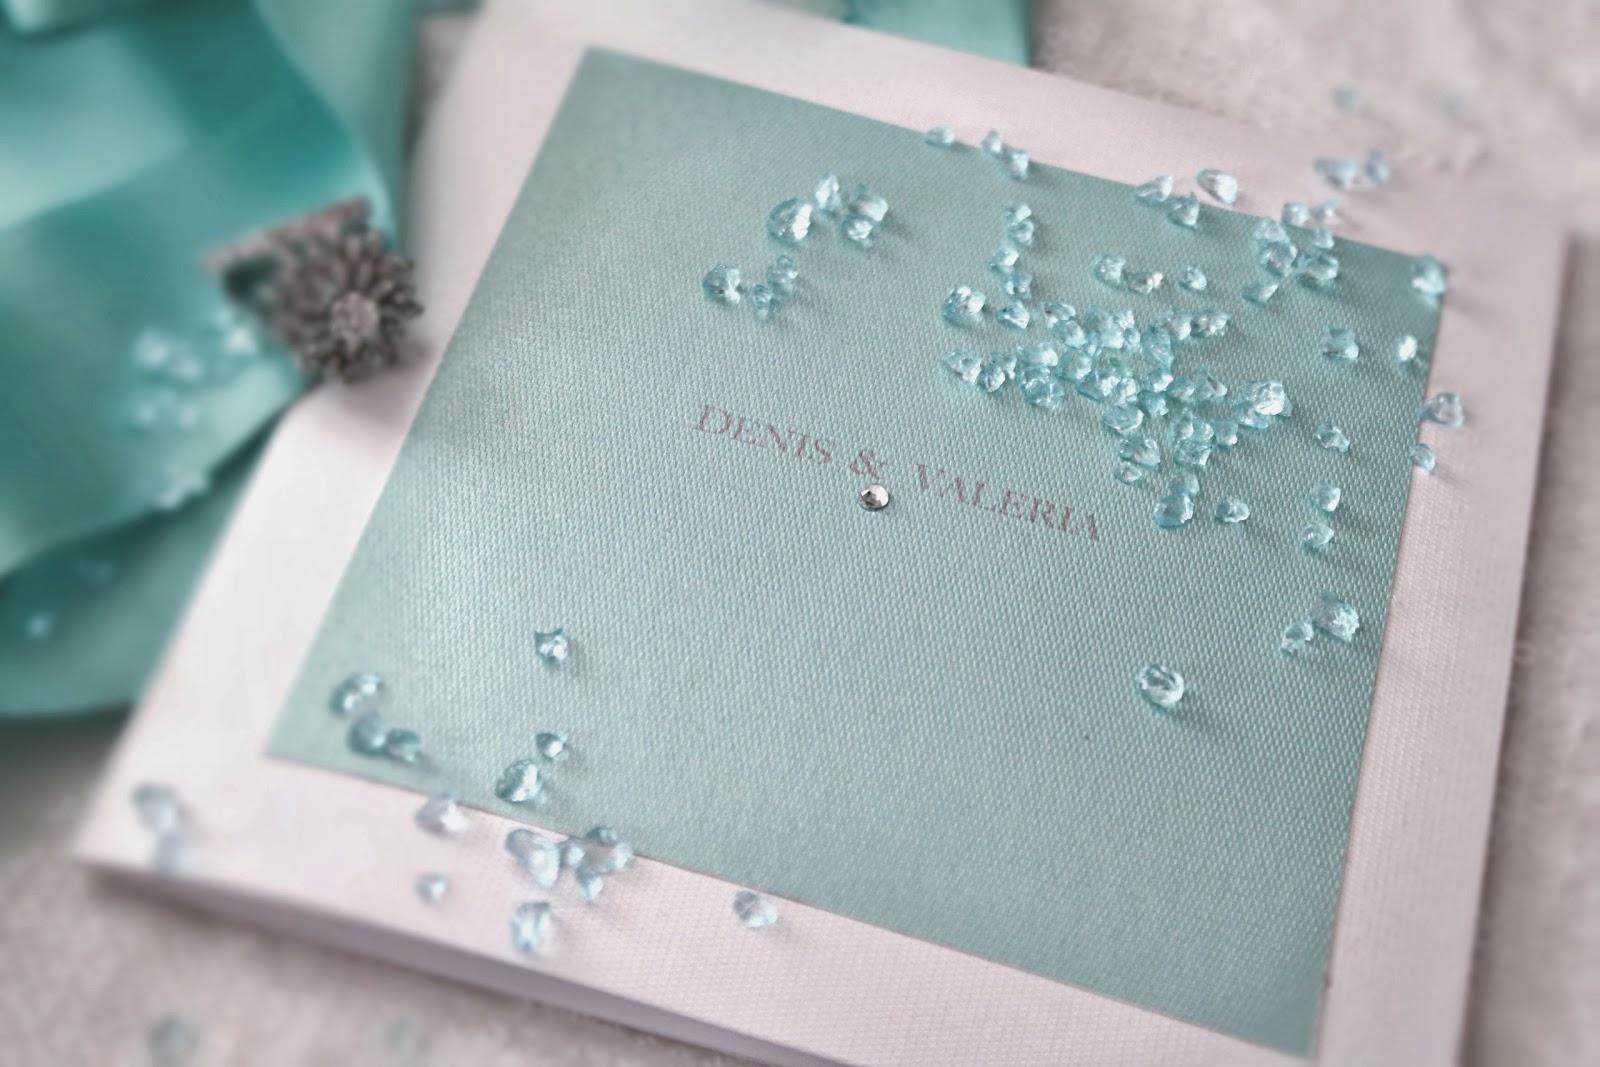 Matrimonio Colore Azzurro Tiffany : Scopri colore verde tiffany matrimonio compra online